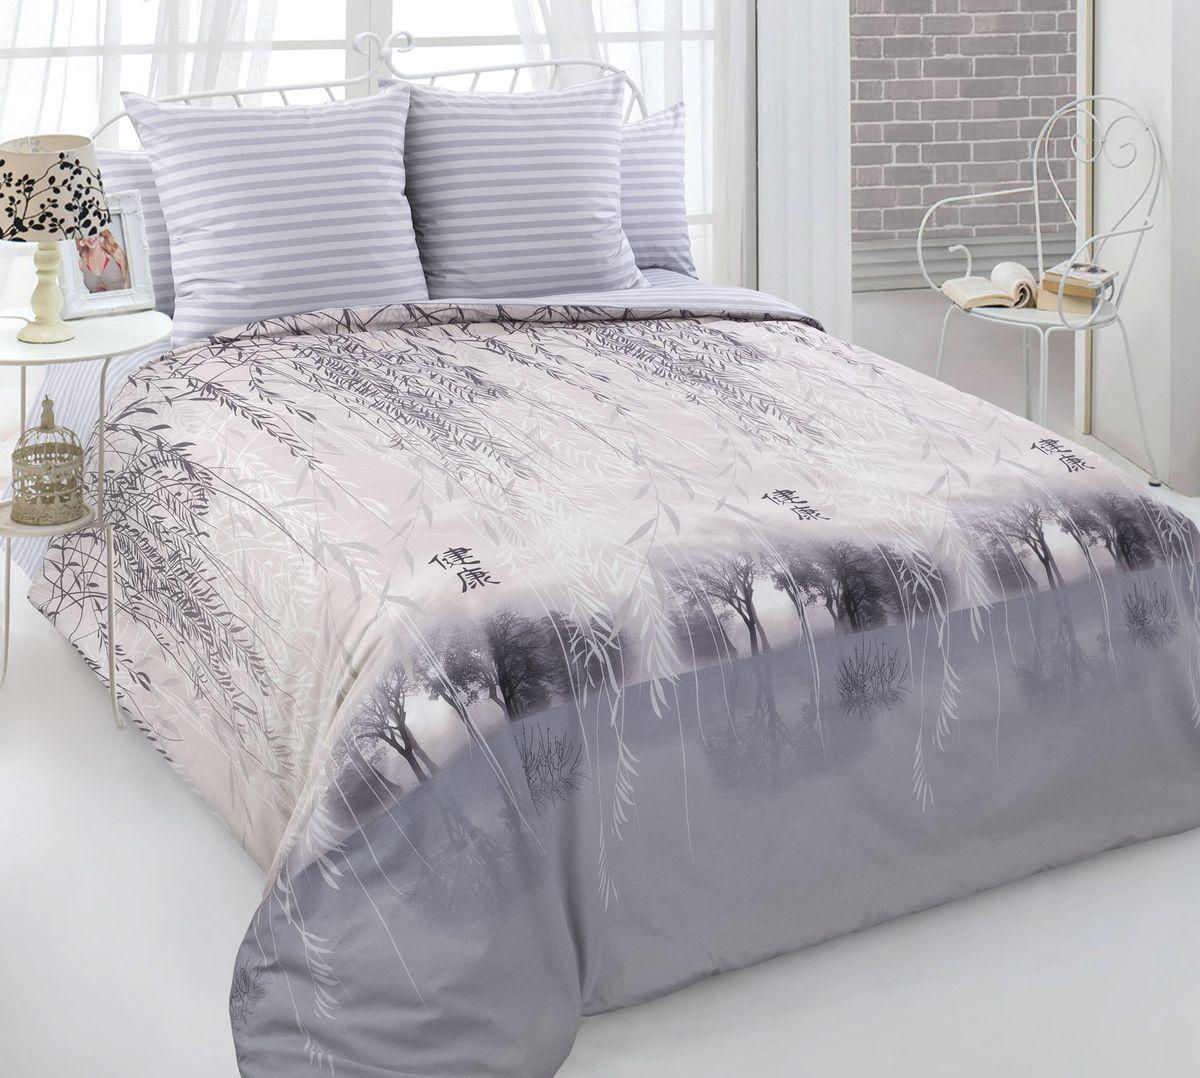 Комплект постельного белья 2-спальный, перкаль (Умиротворение)